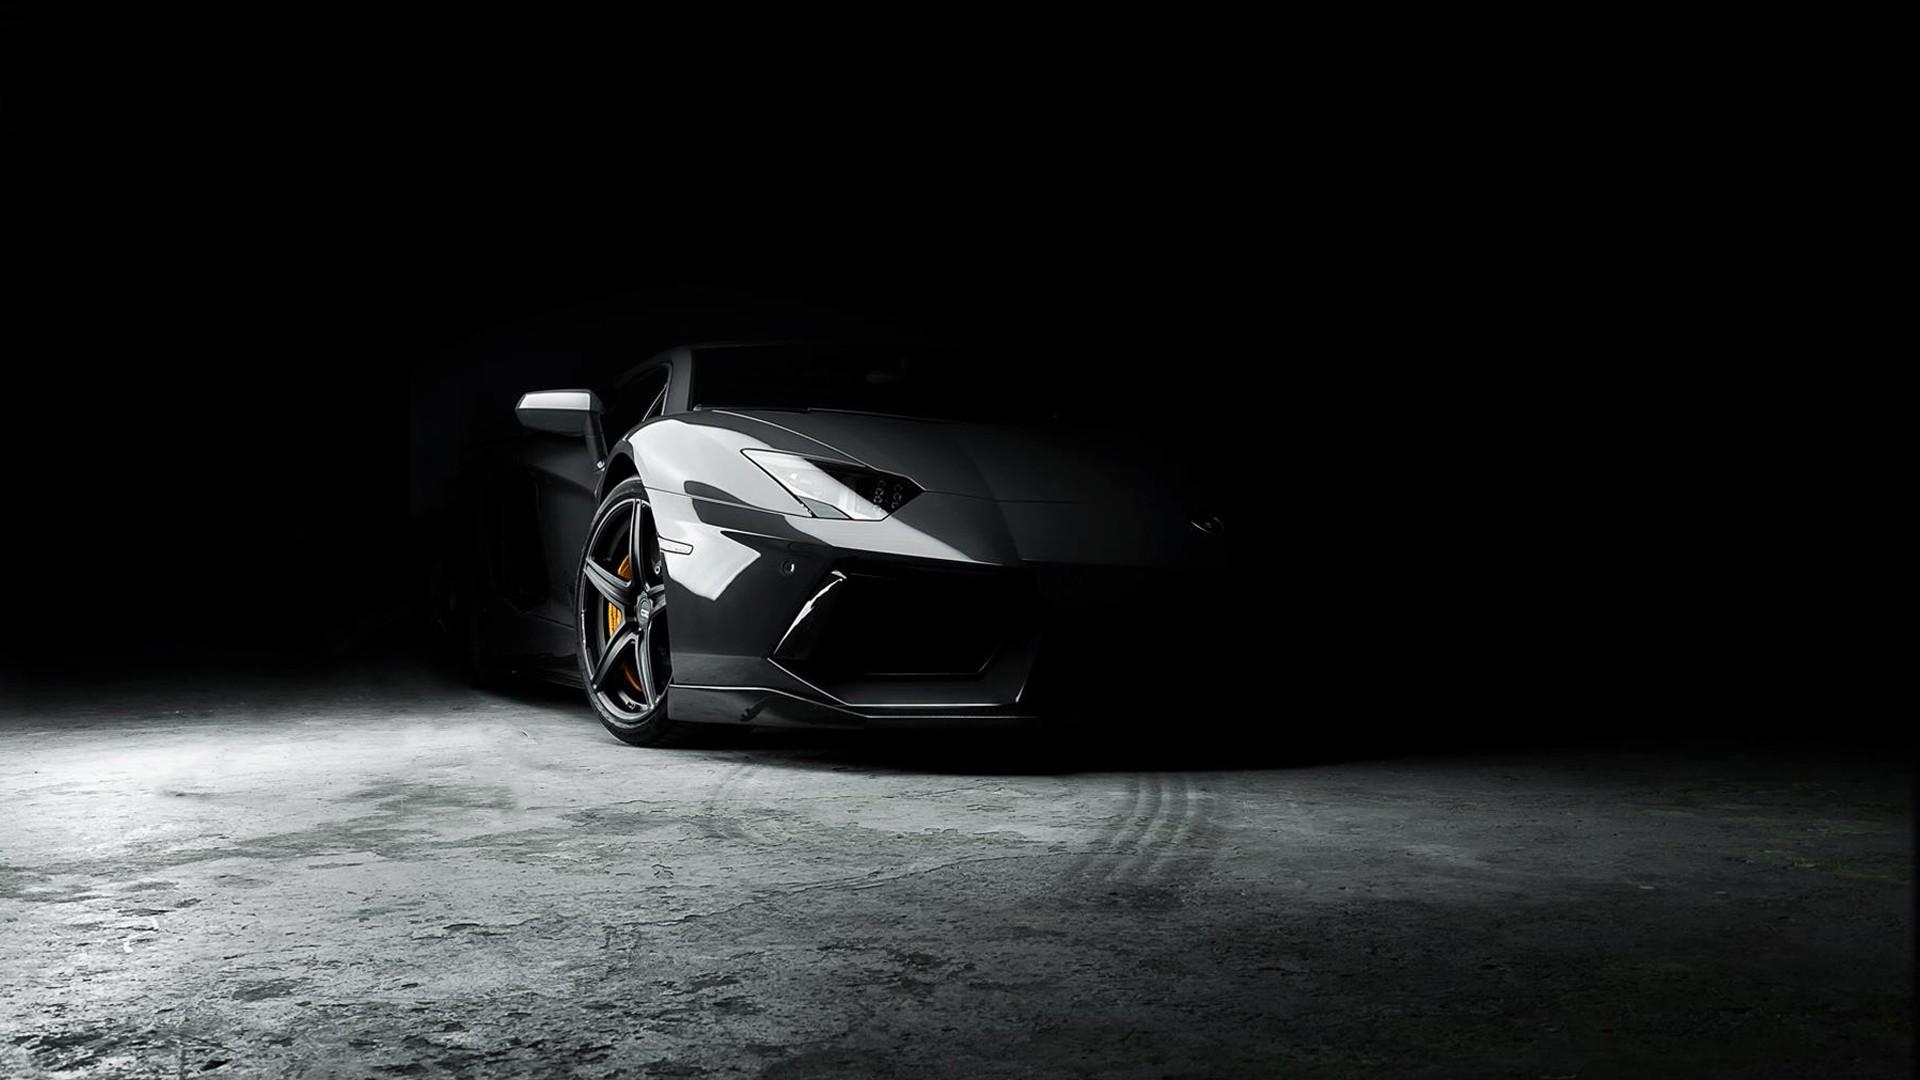 картинки с автомобилями на черном фоне них характерна однотонность